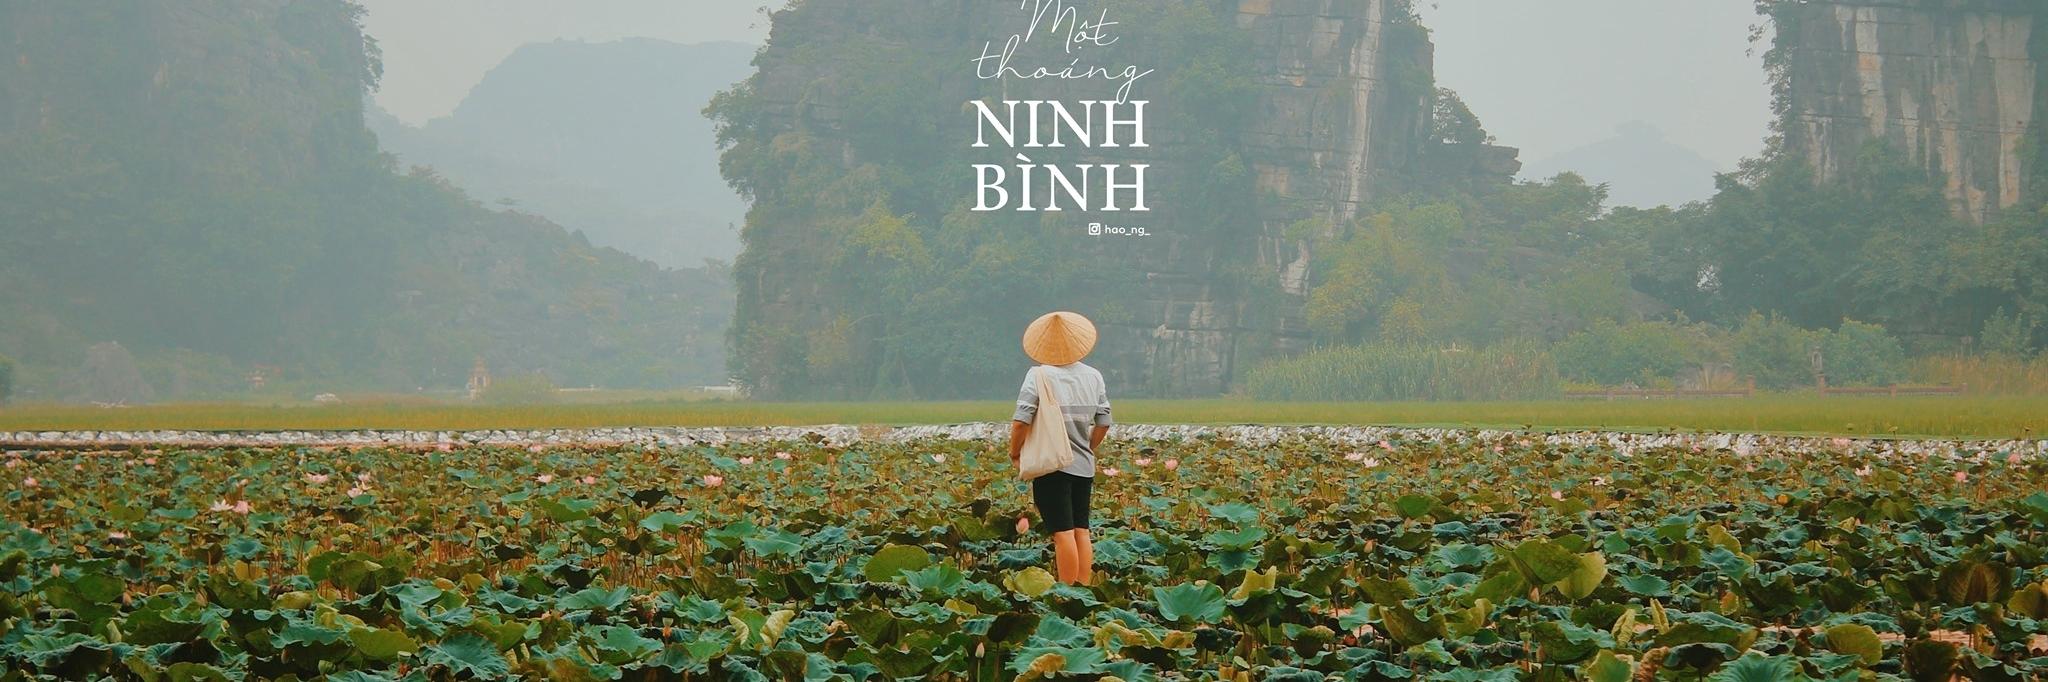 https://gody.vn/blog/hoangson4311/post/cam-nang-du-lich-ninh-binh-di-khi-nao-an-choi-o-dau-5342